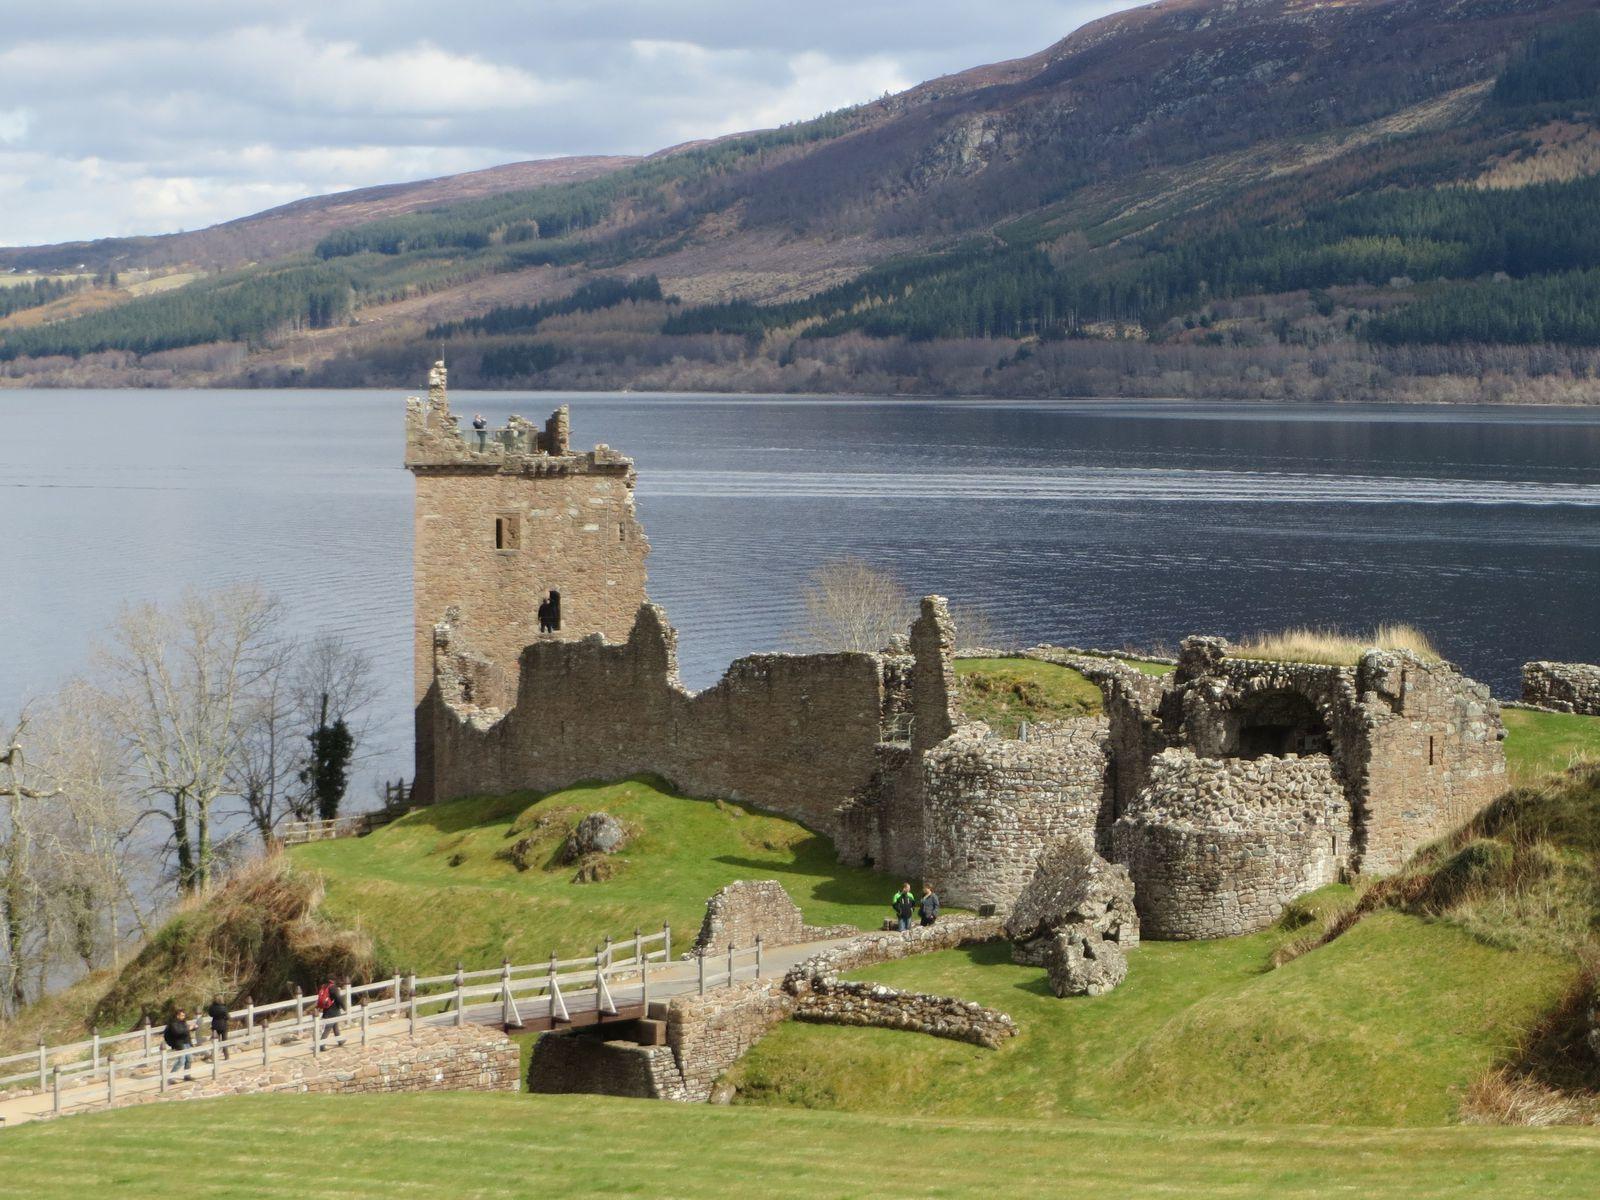 J'imaginais le château de Sir Anthony au bord du Loch Ness, Comme Urquhart Castle, ici.